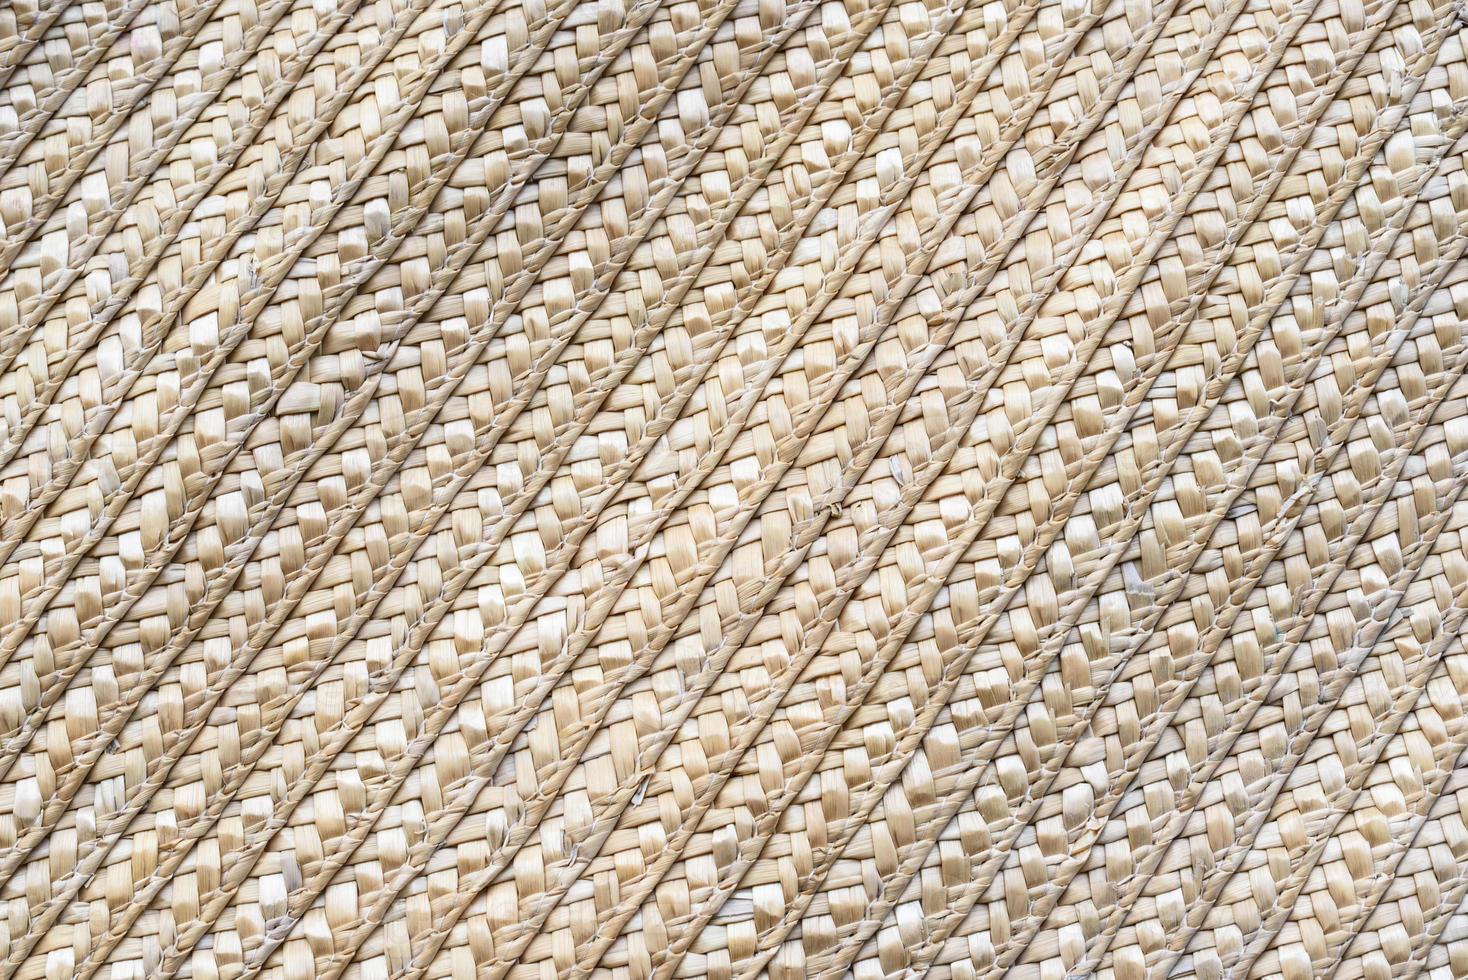 texture en osier photo